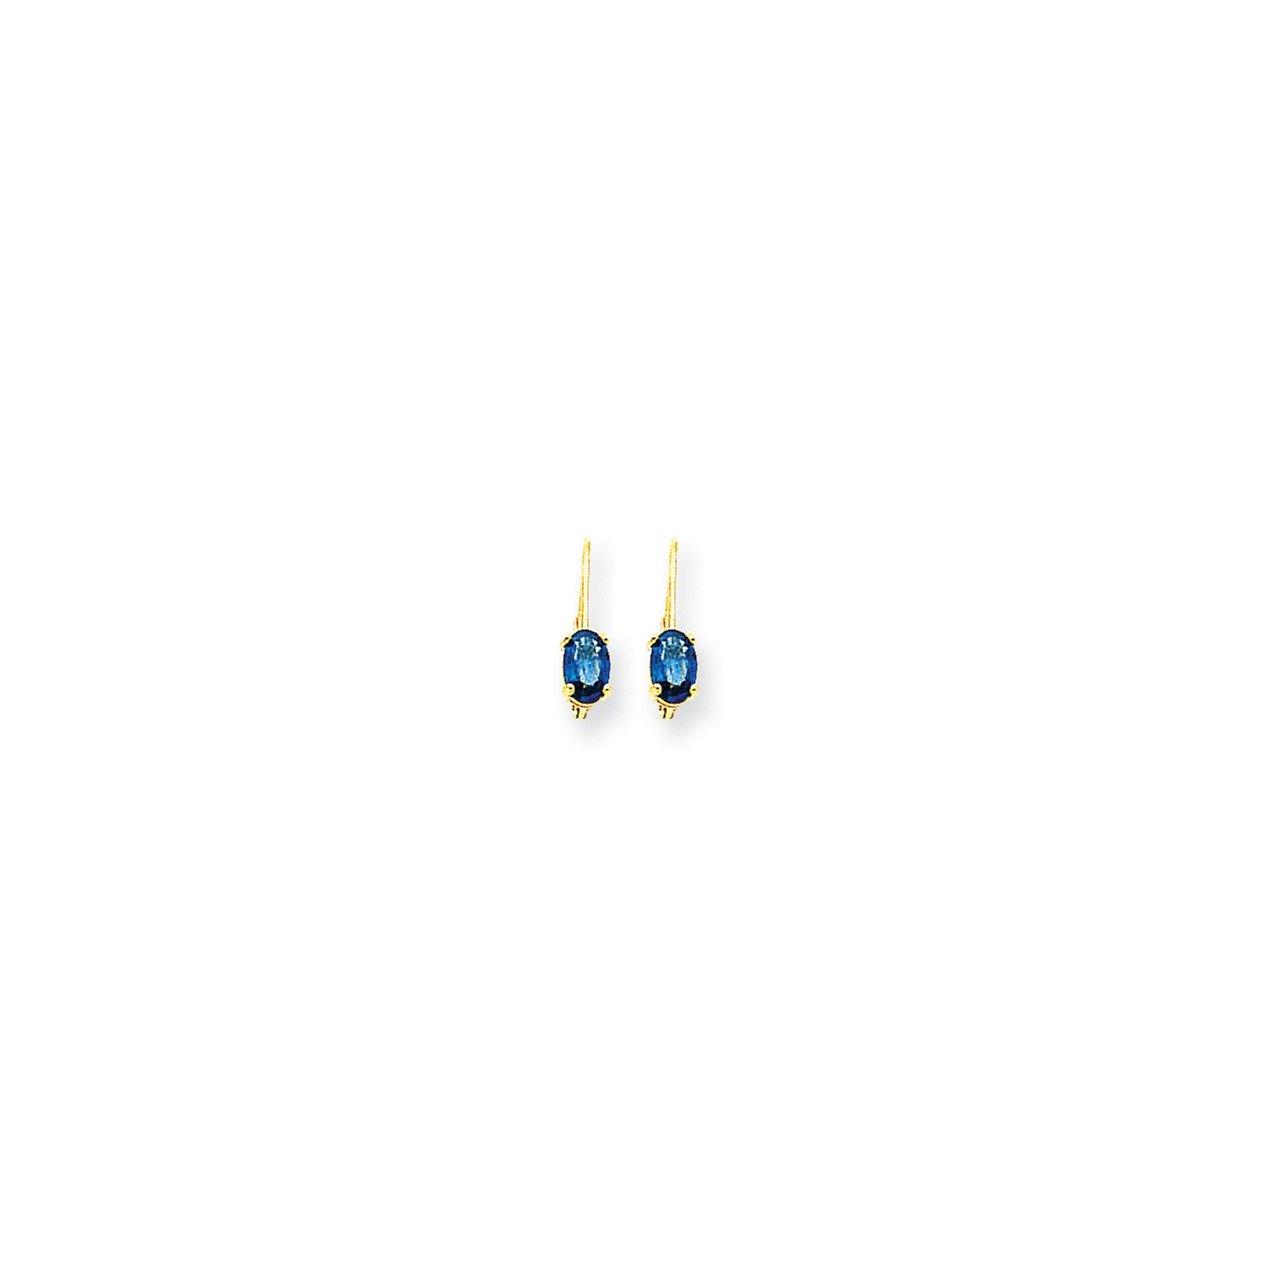 14k 6x4mm Oval Sapphire leverback earring